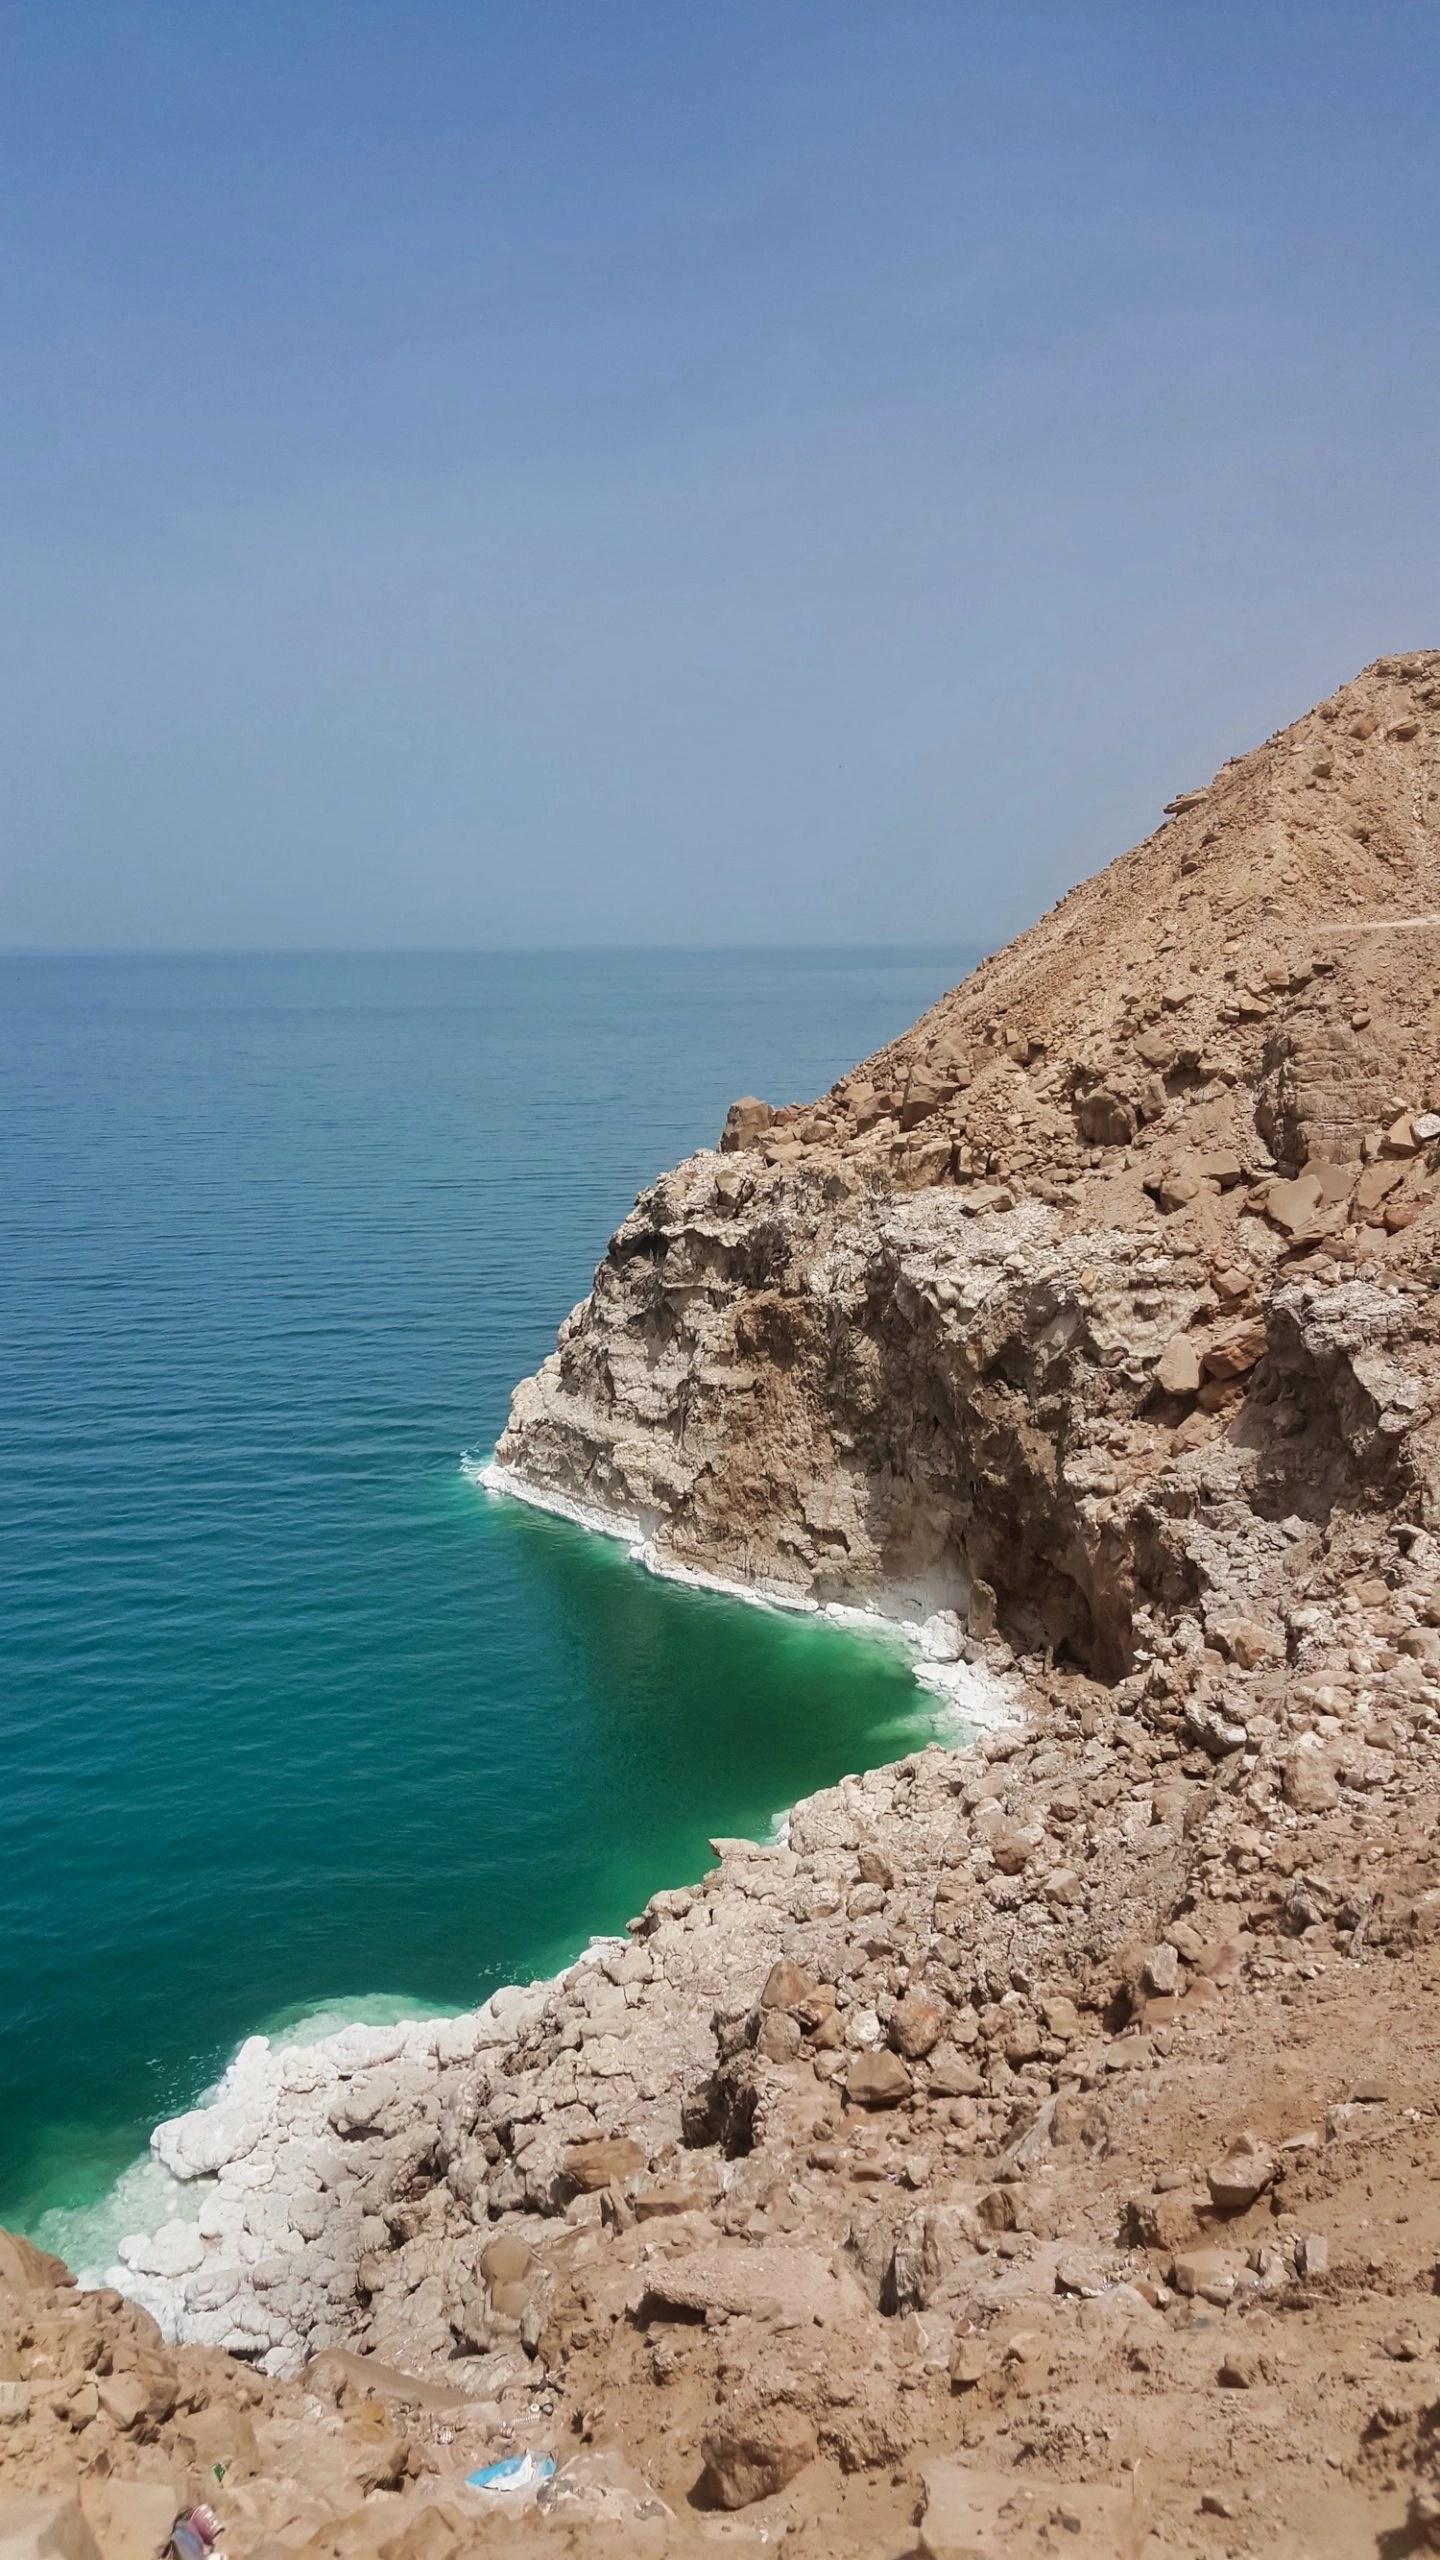 10 Days in Jordan - Dead Sea View